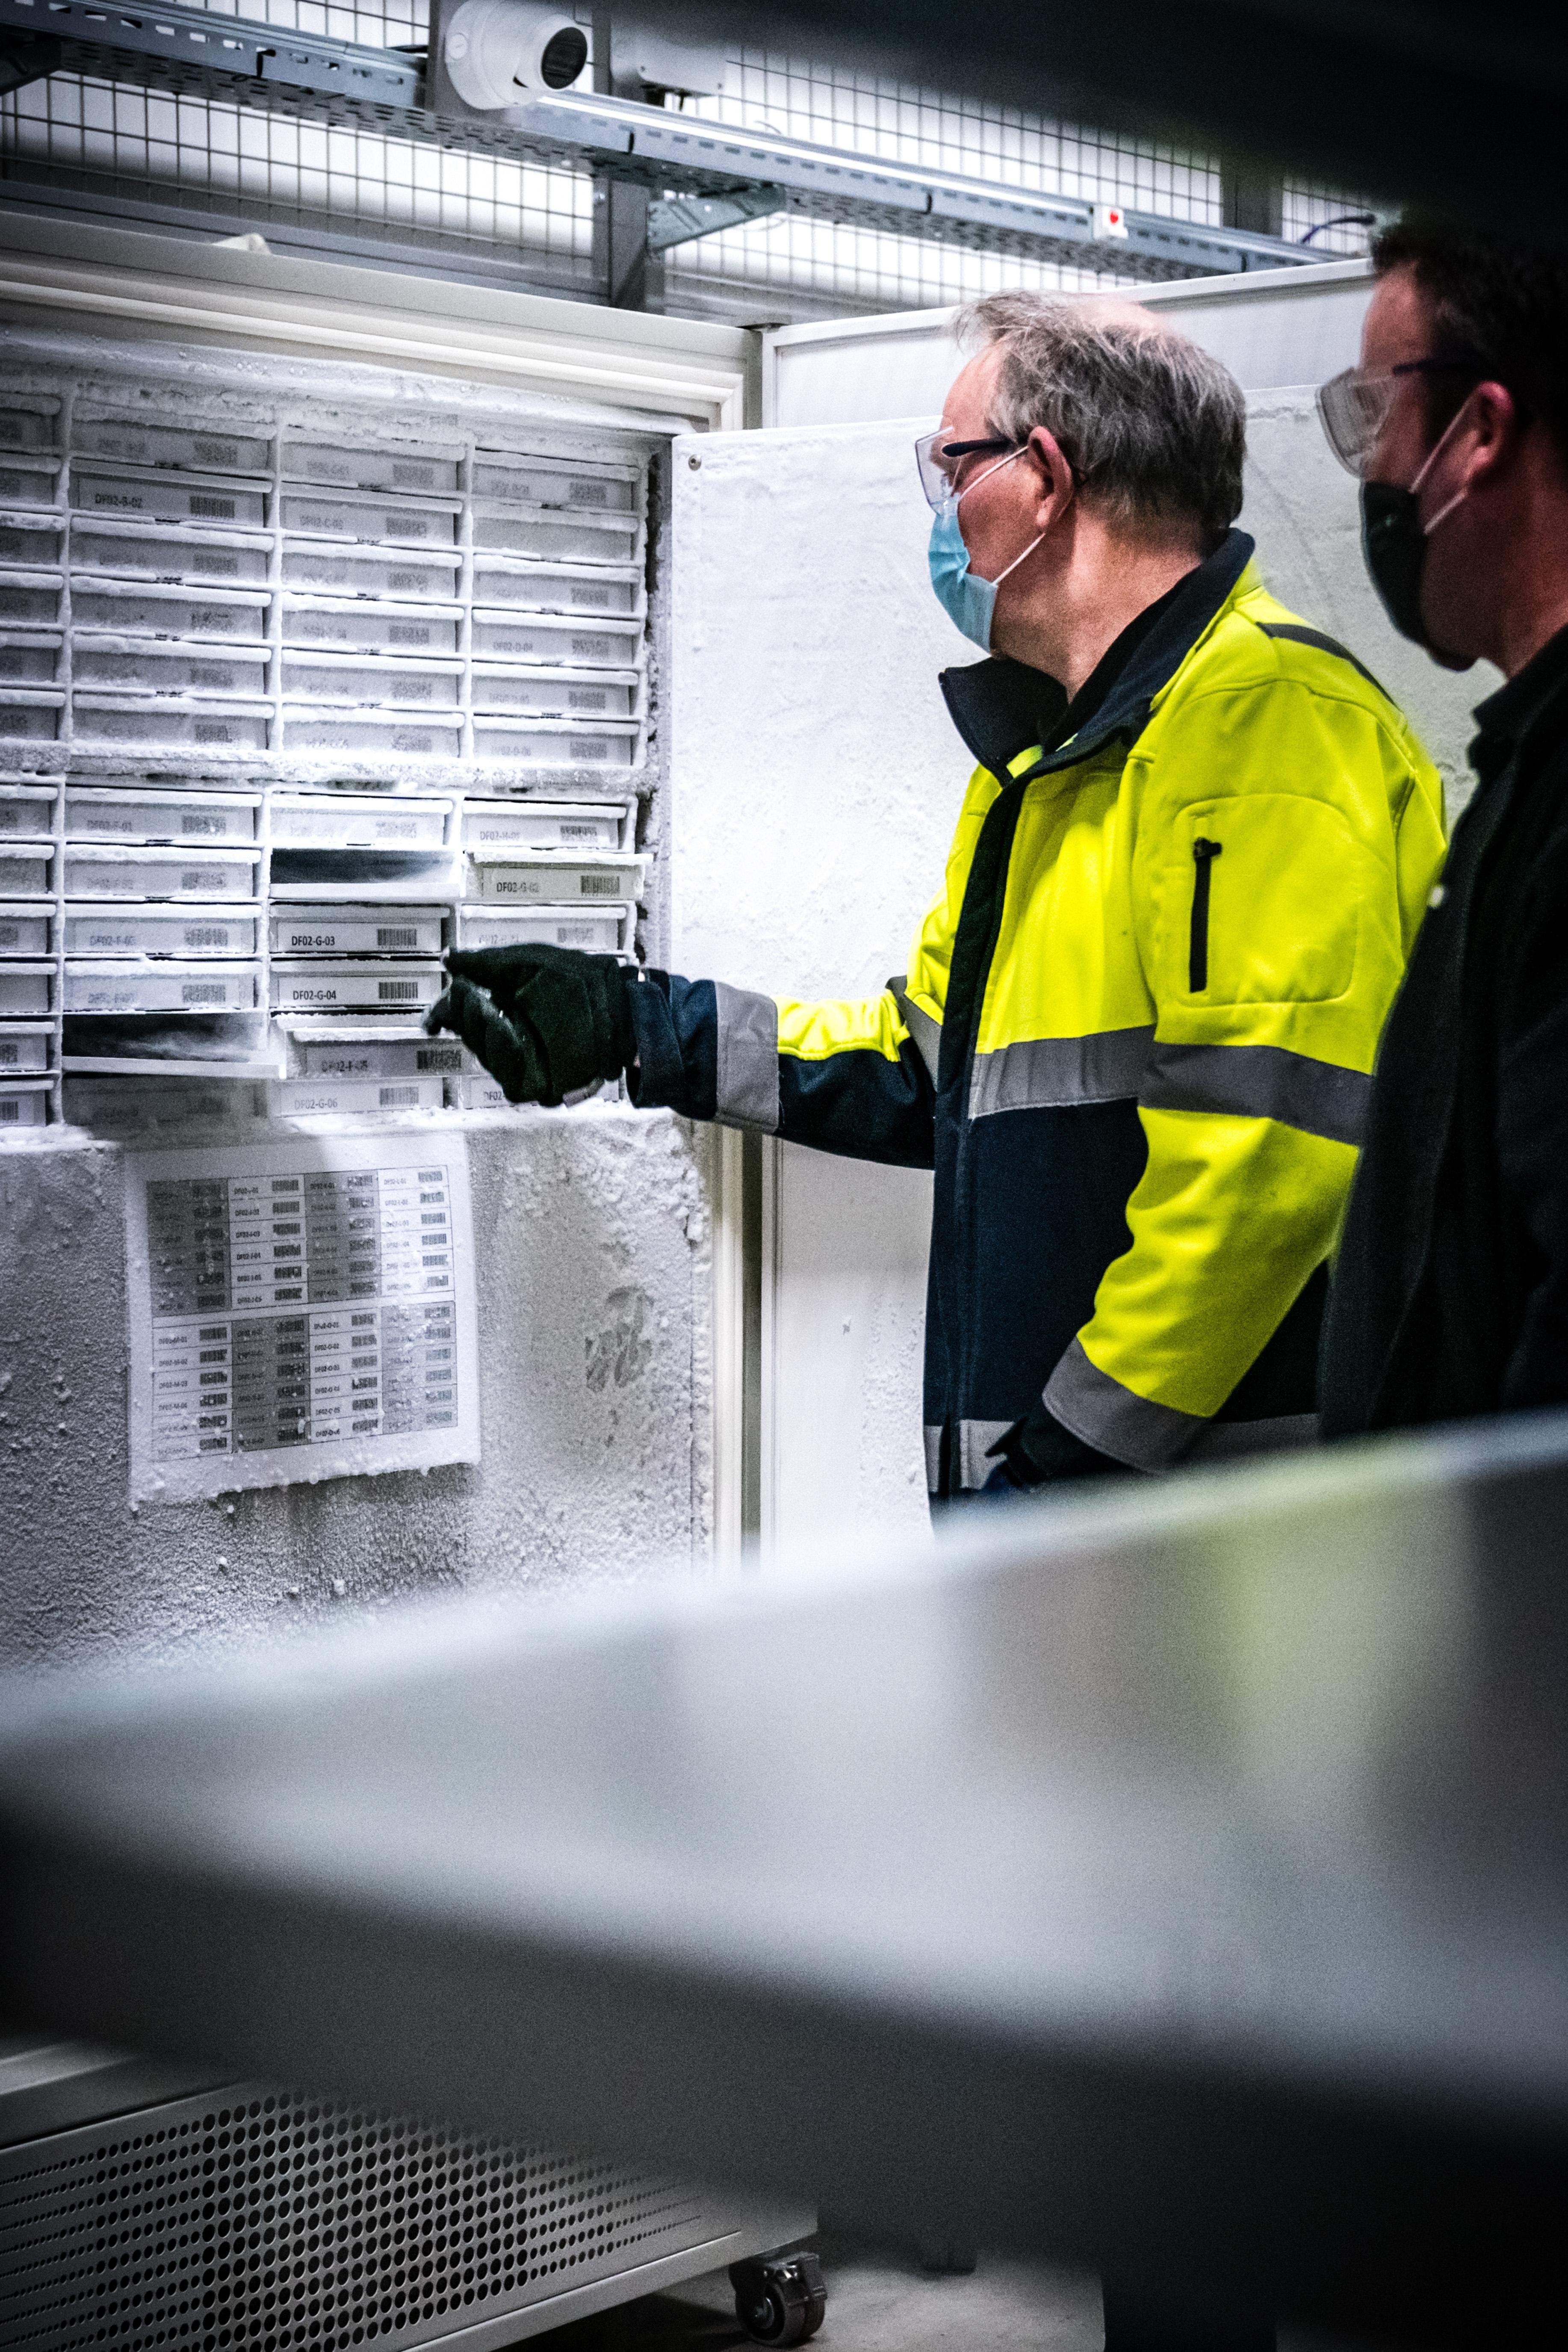 2021-04-06 05:29:00 OSS - Koelcellen met coronavaccins van Pfizer/BionTech bij Movianto. Het Brabantse bedrijf draagt in Nederland de logistieke verantwoordelijkheid voor de opslag en het transport van diverse coronavaccins en bijbehorende medische hulpmiddelen. ANP ROB ENGELAAR